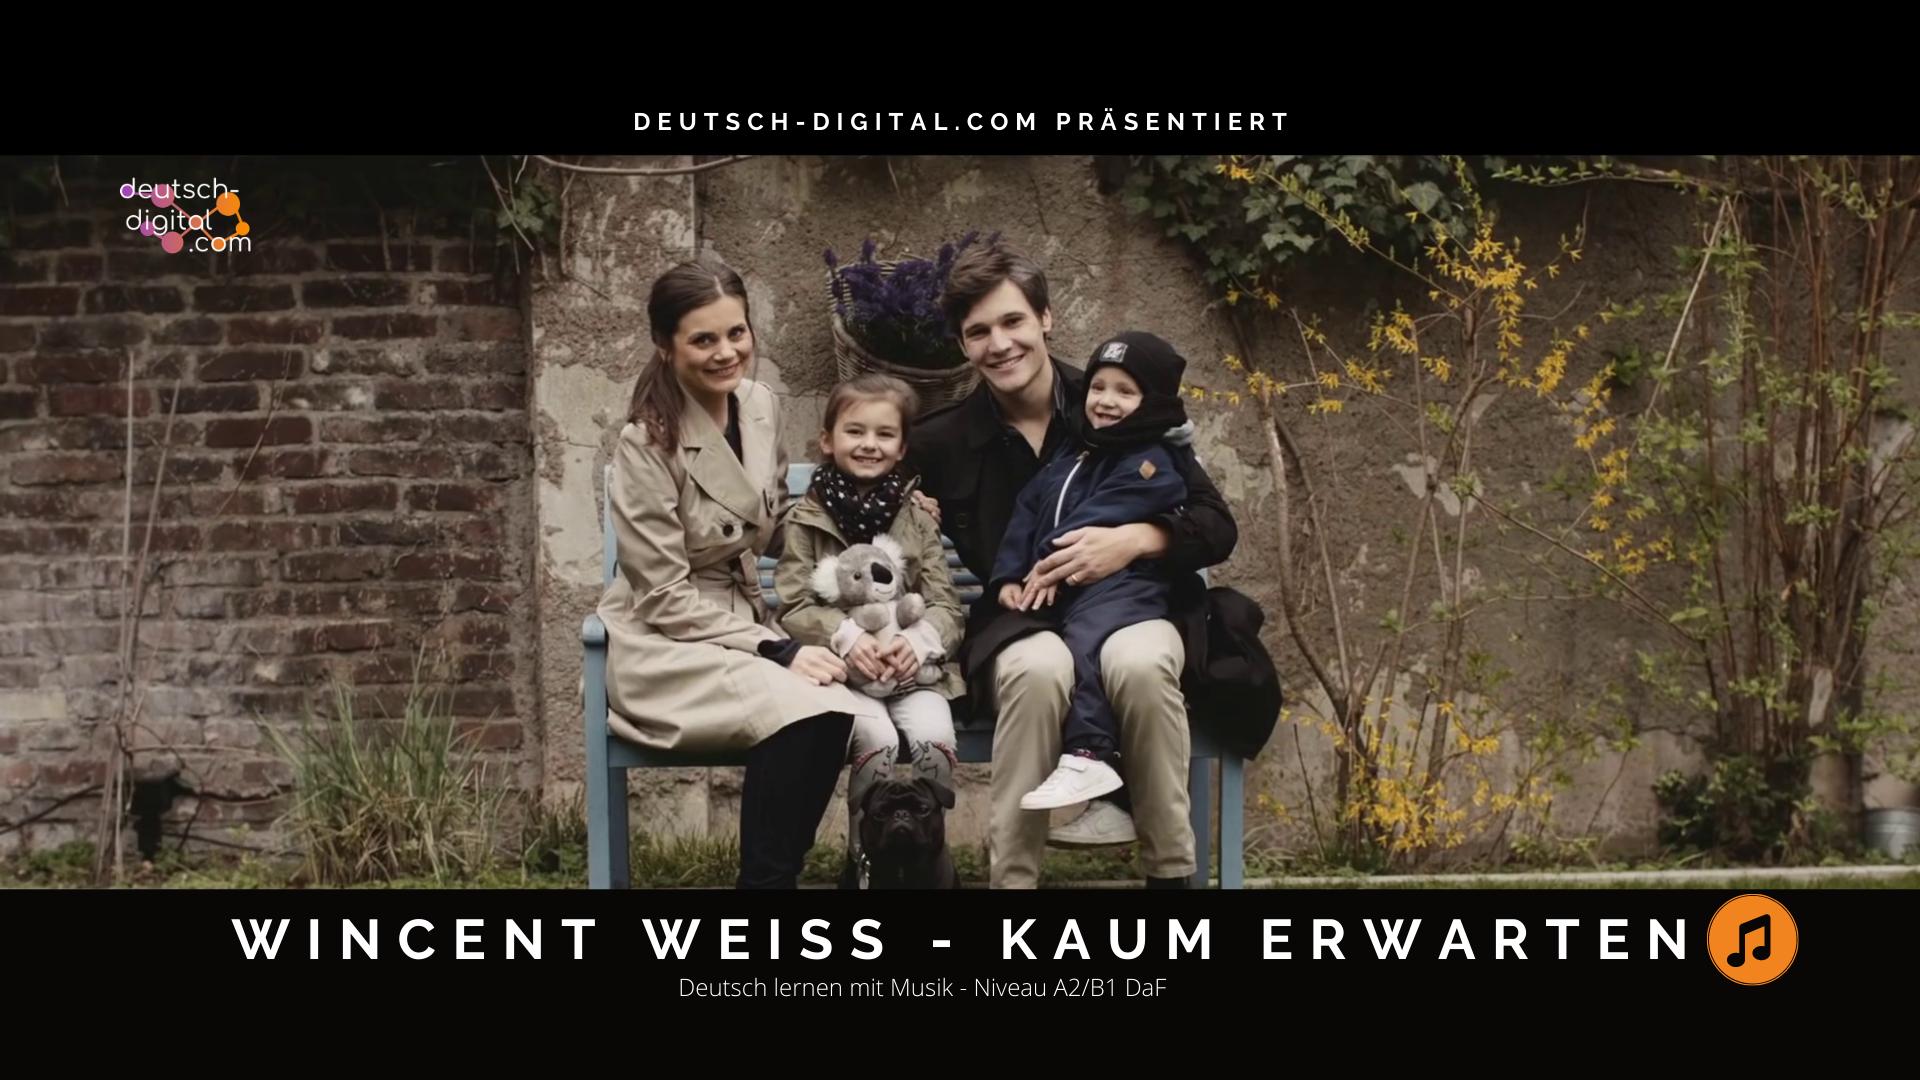 Kaum erwarten – Wincent Weiss